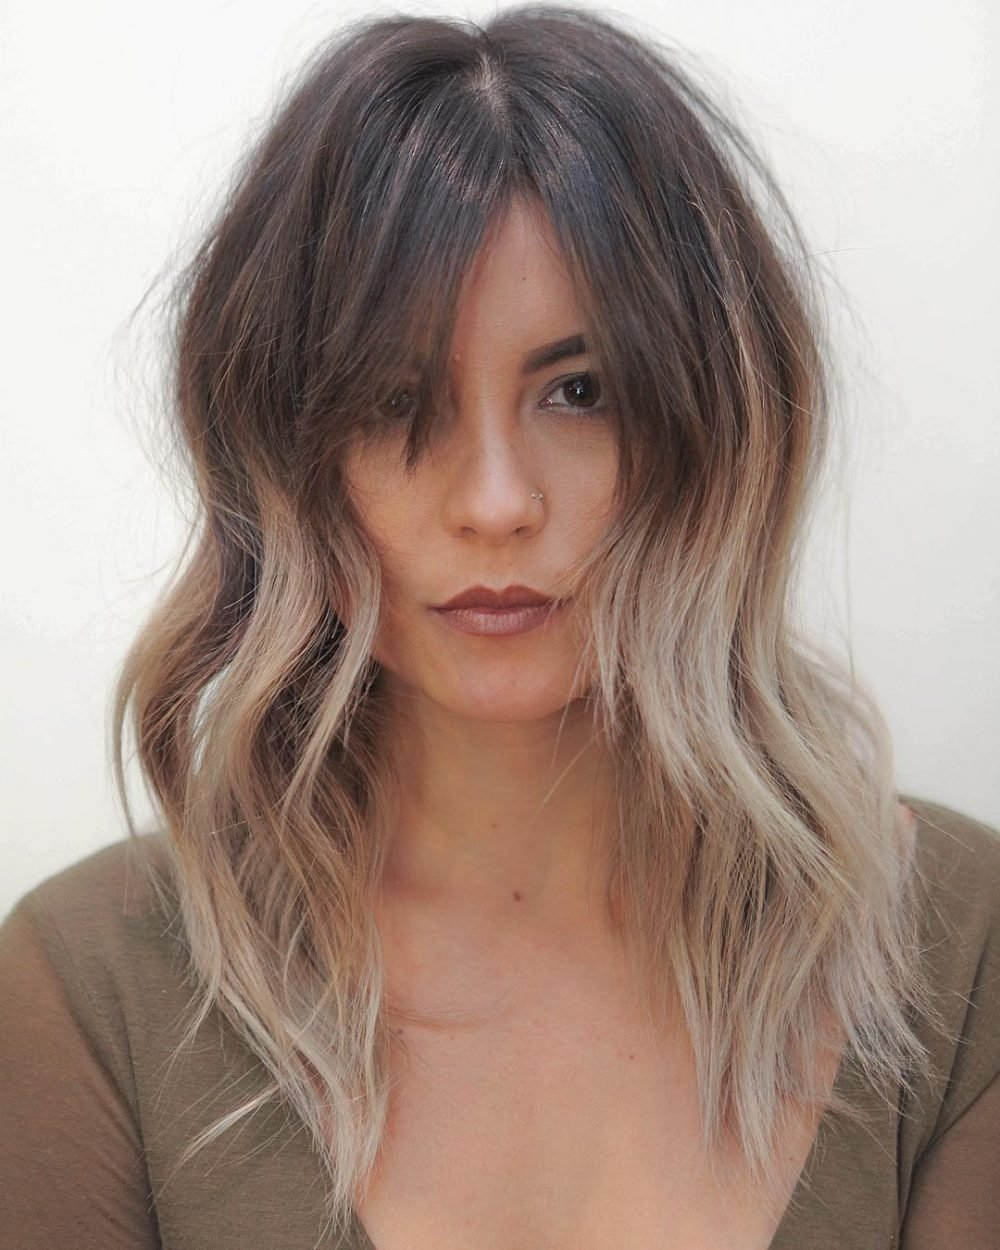 10 Fantastic Cute Hair Ideas For Medium Hair 28 cute hairstyles for medium length hair popular for 2018 1 2020